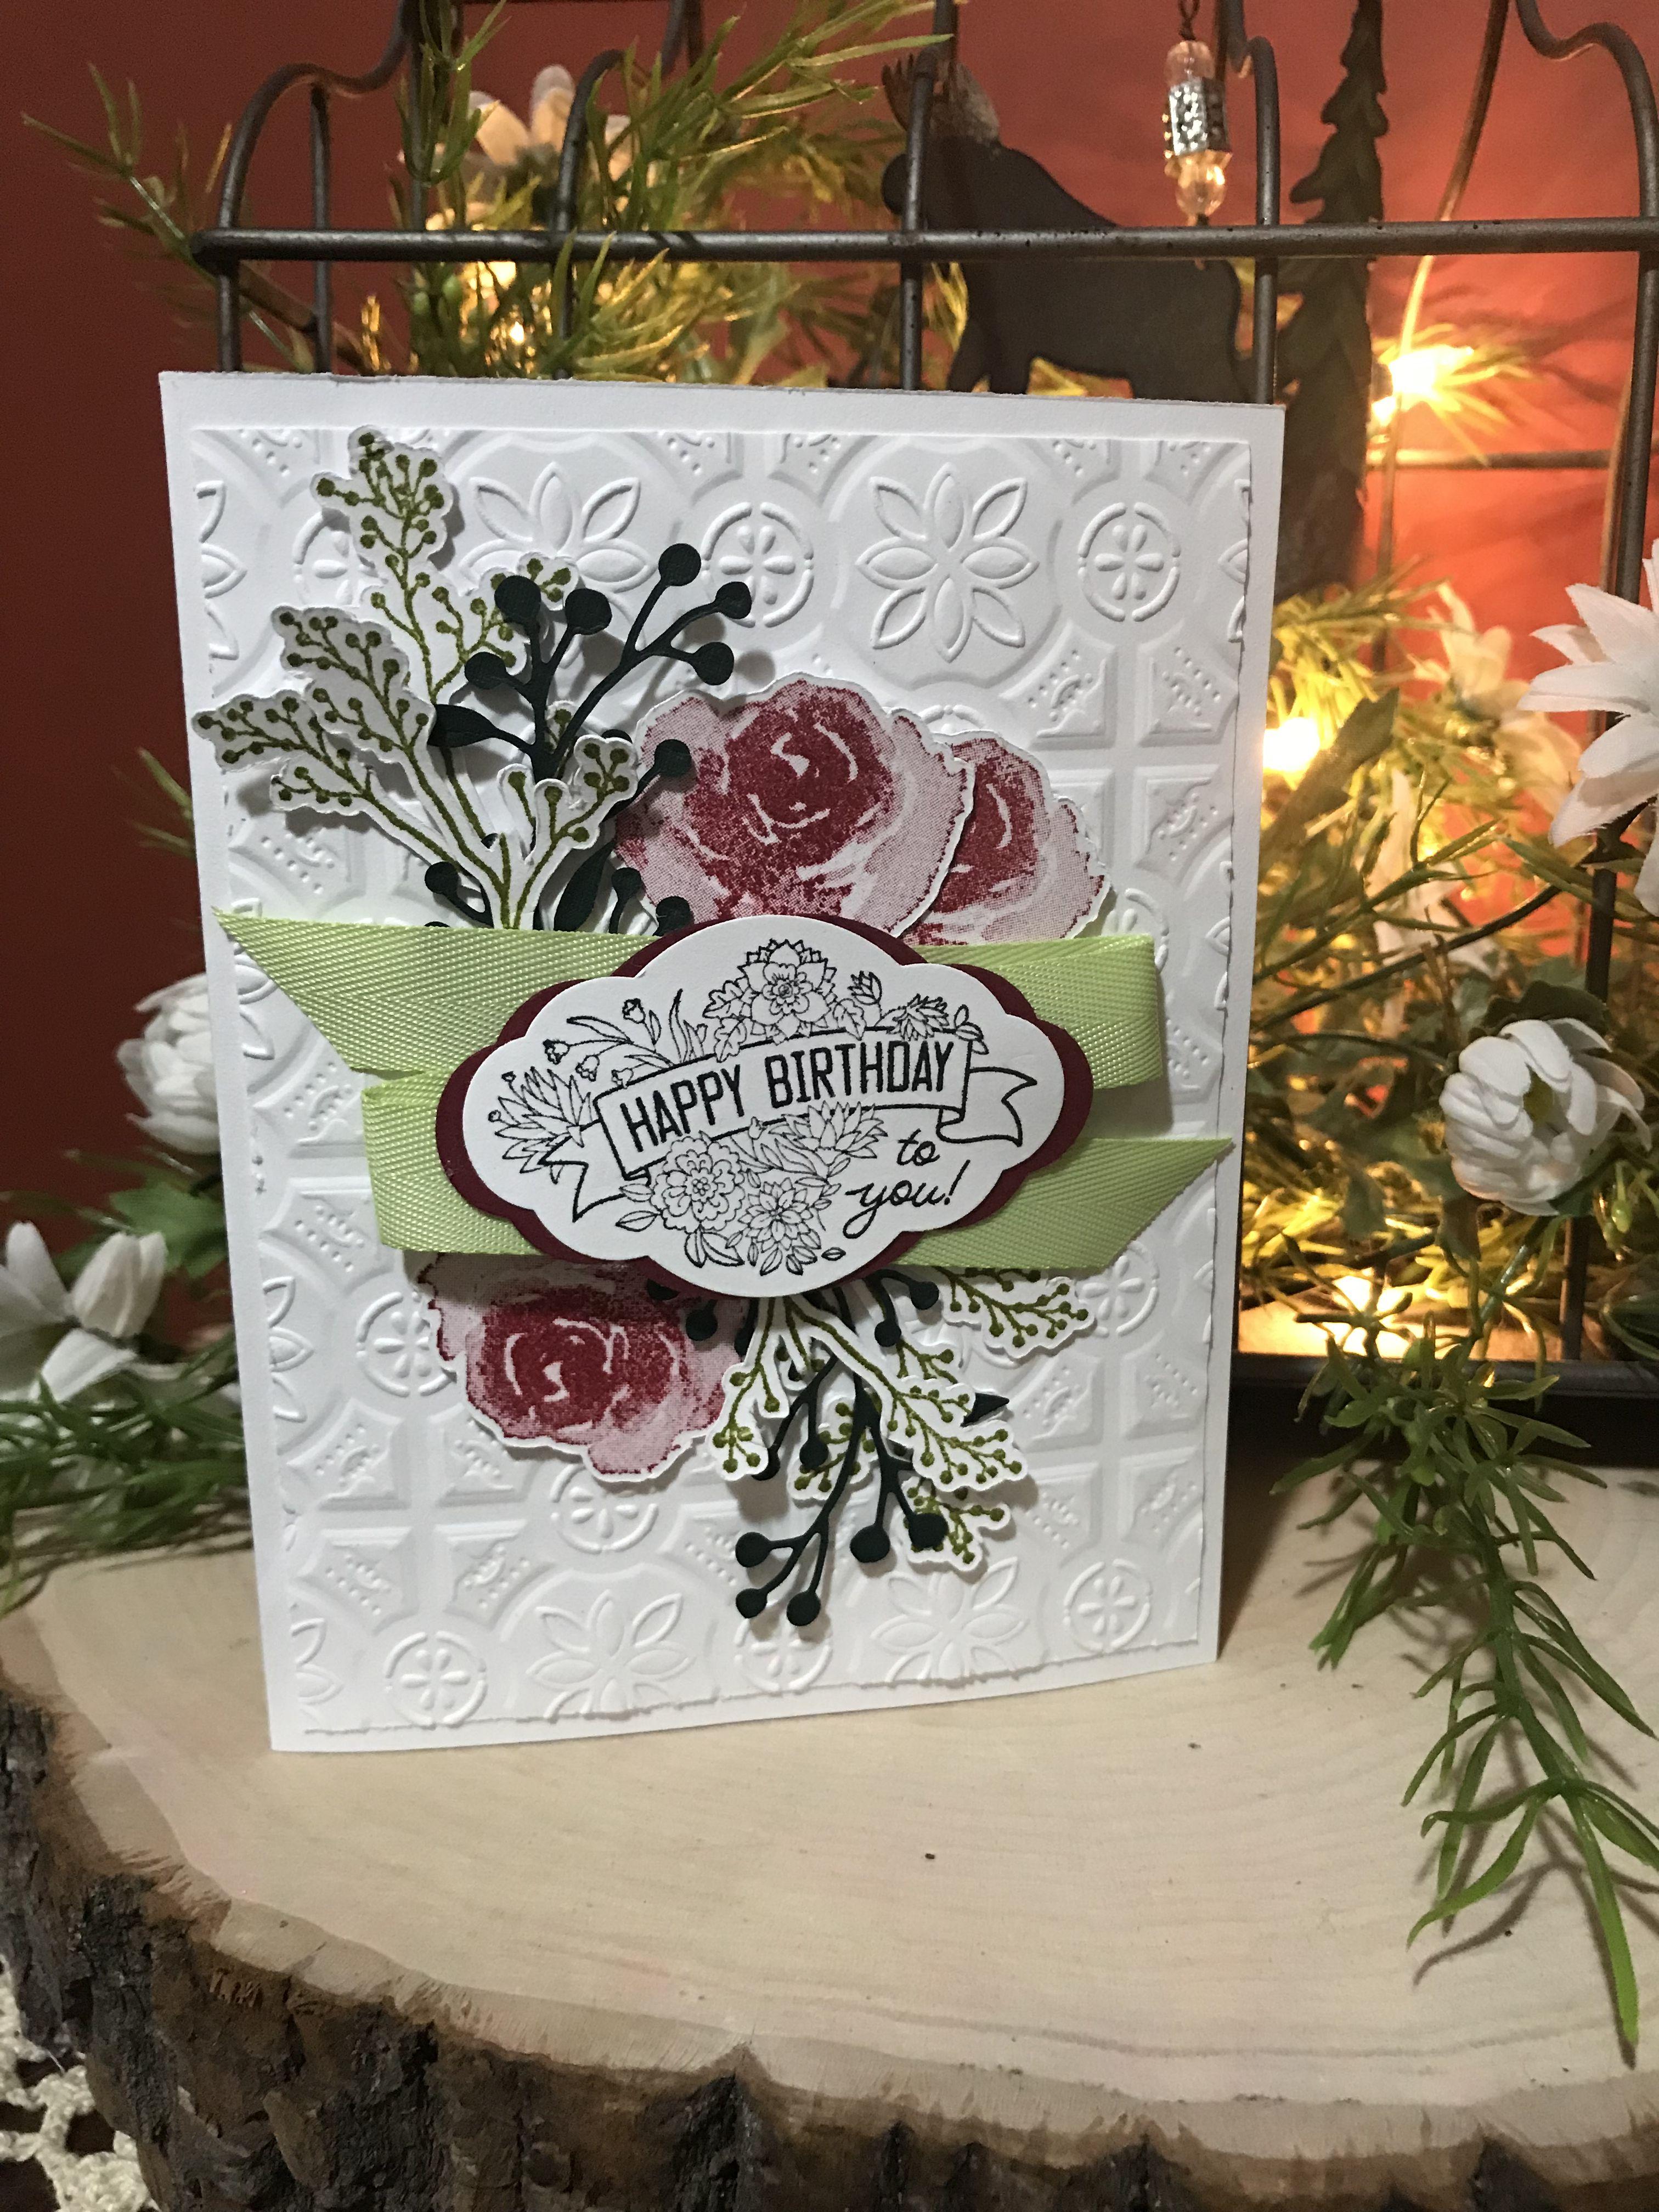 pinsheila lucas on first frost | pinterest | cards, halloween